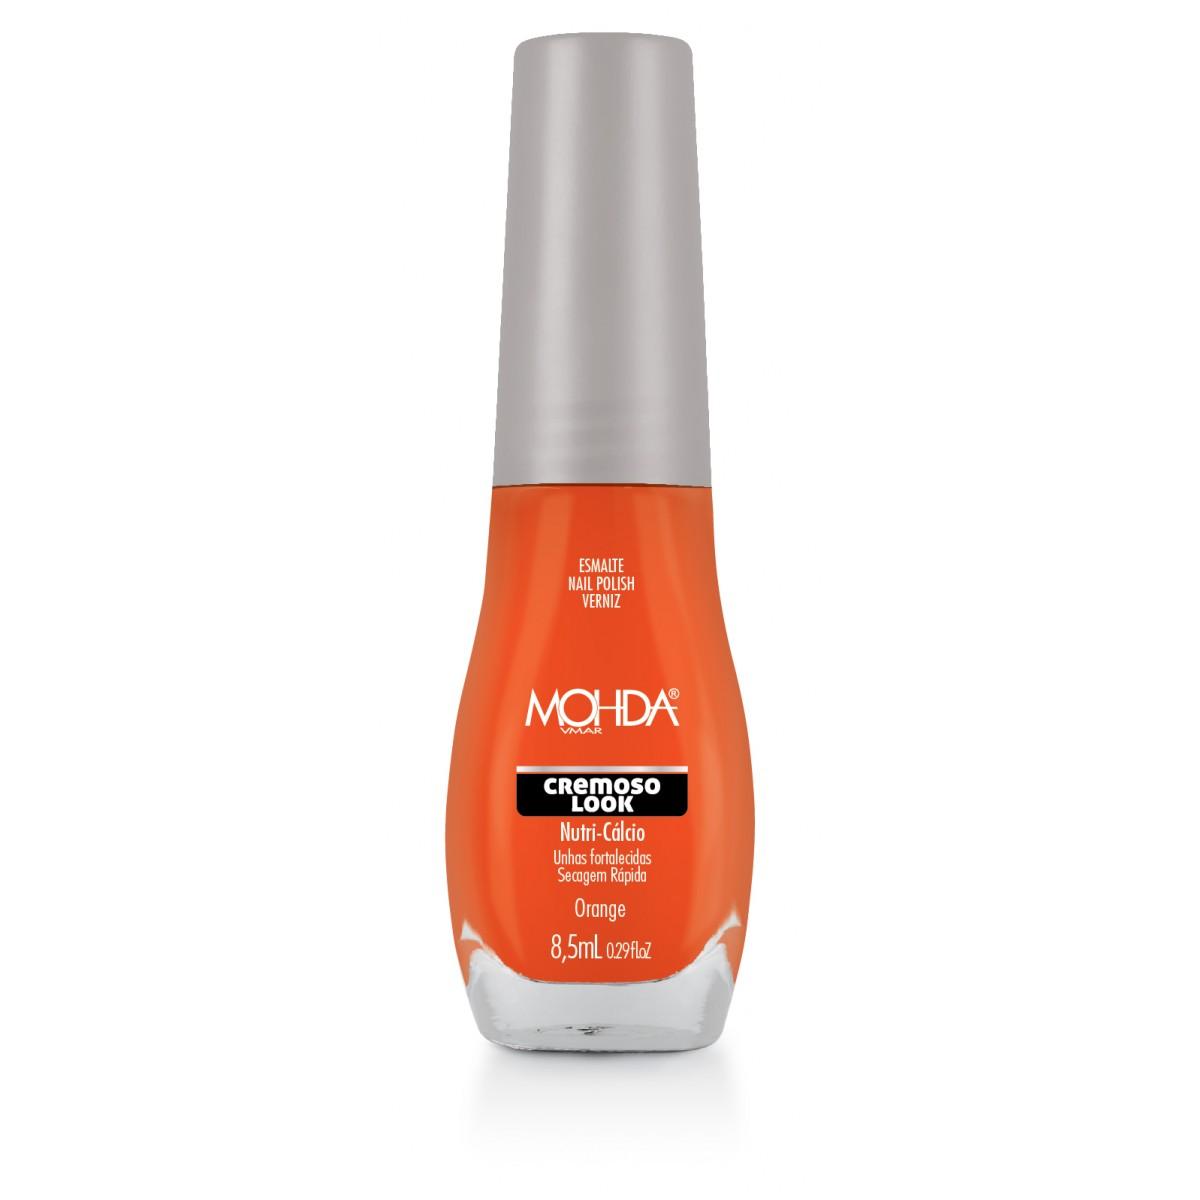 Esmalte Mohda Cremoso Look - Orange  - E-Mohda